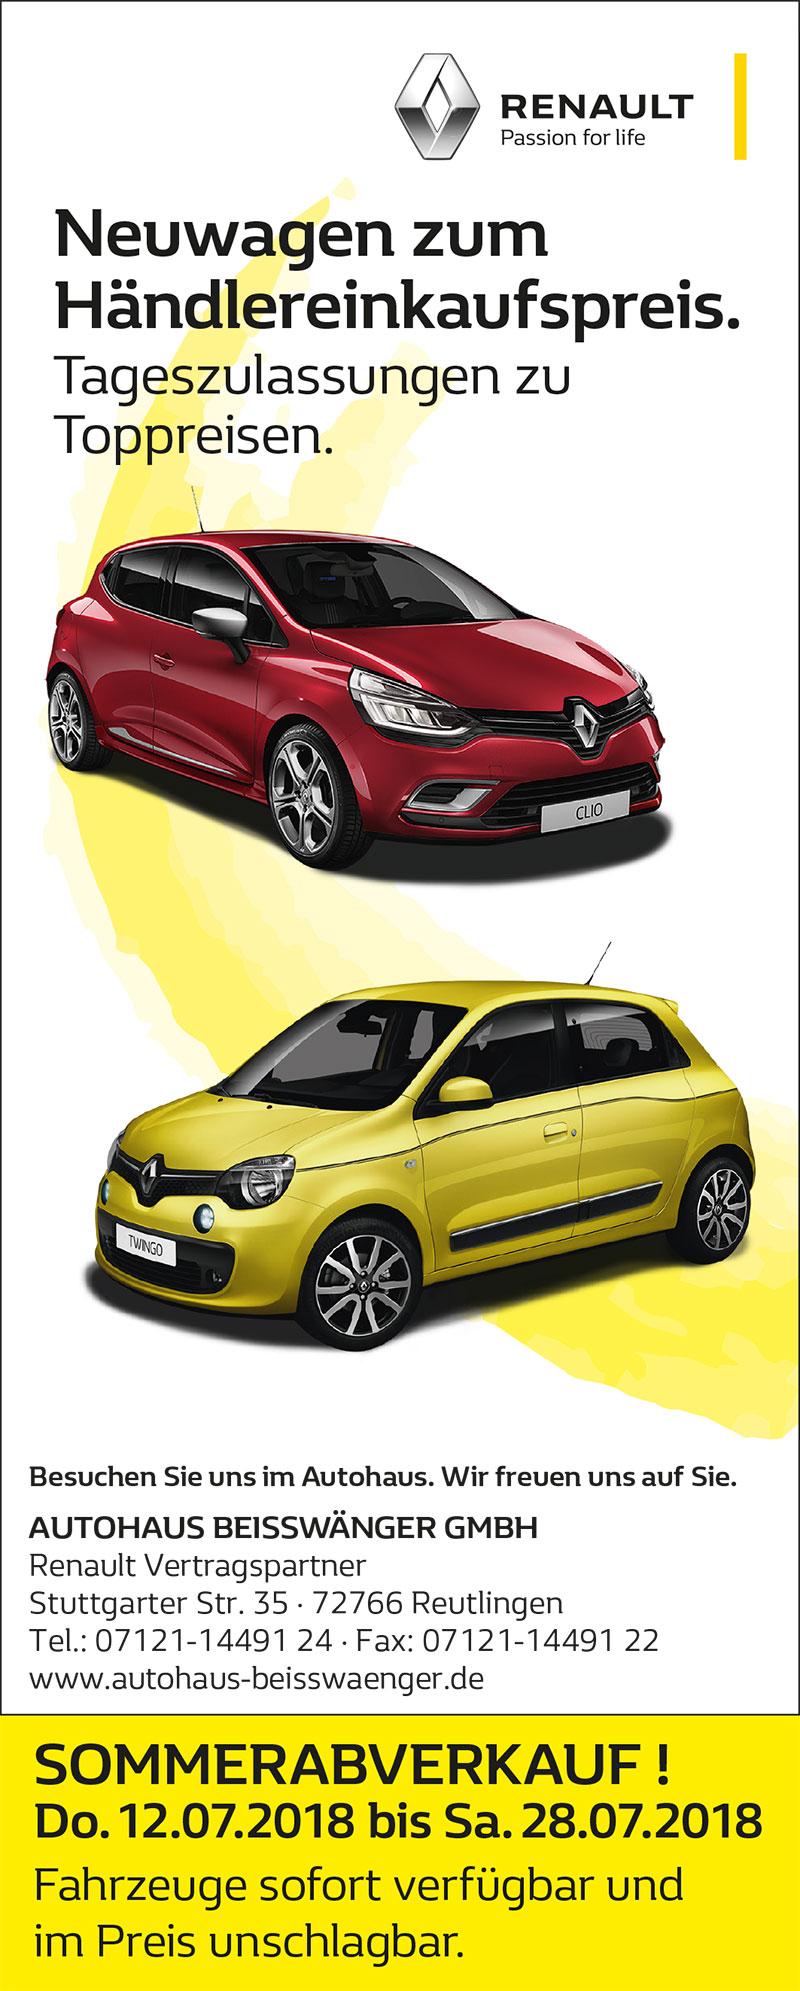 Sommerabverkauf - Neuwagen zu Spitzenpreisen